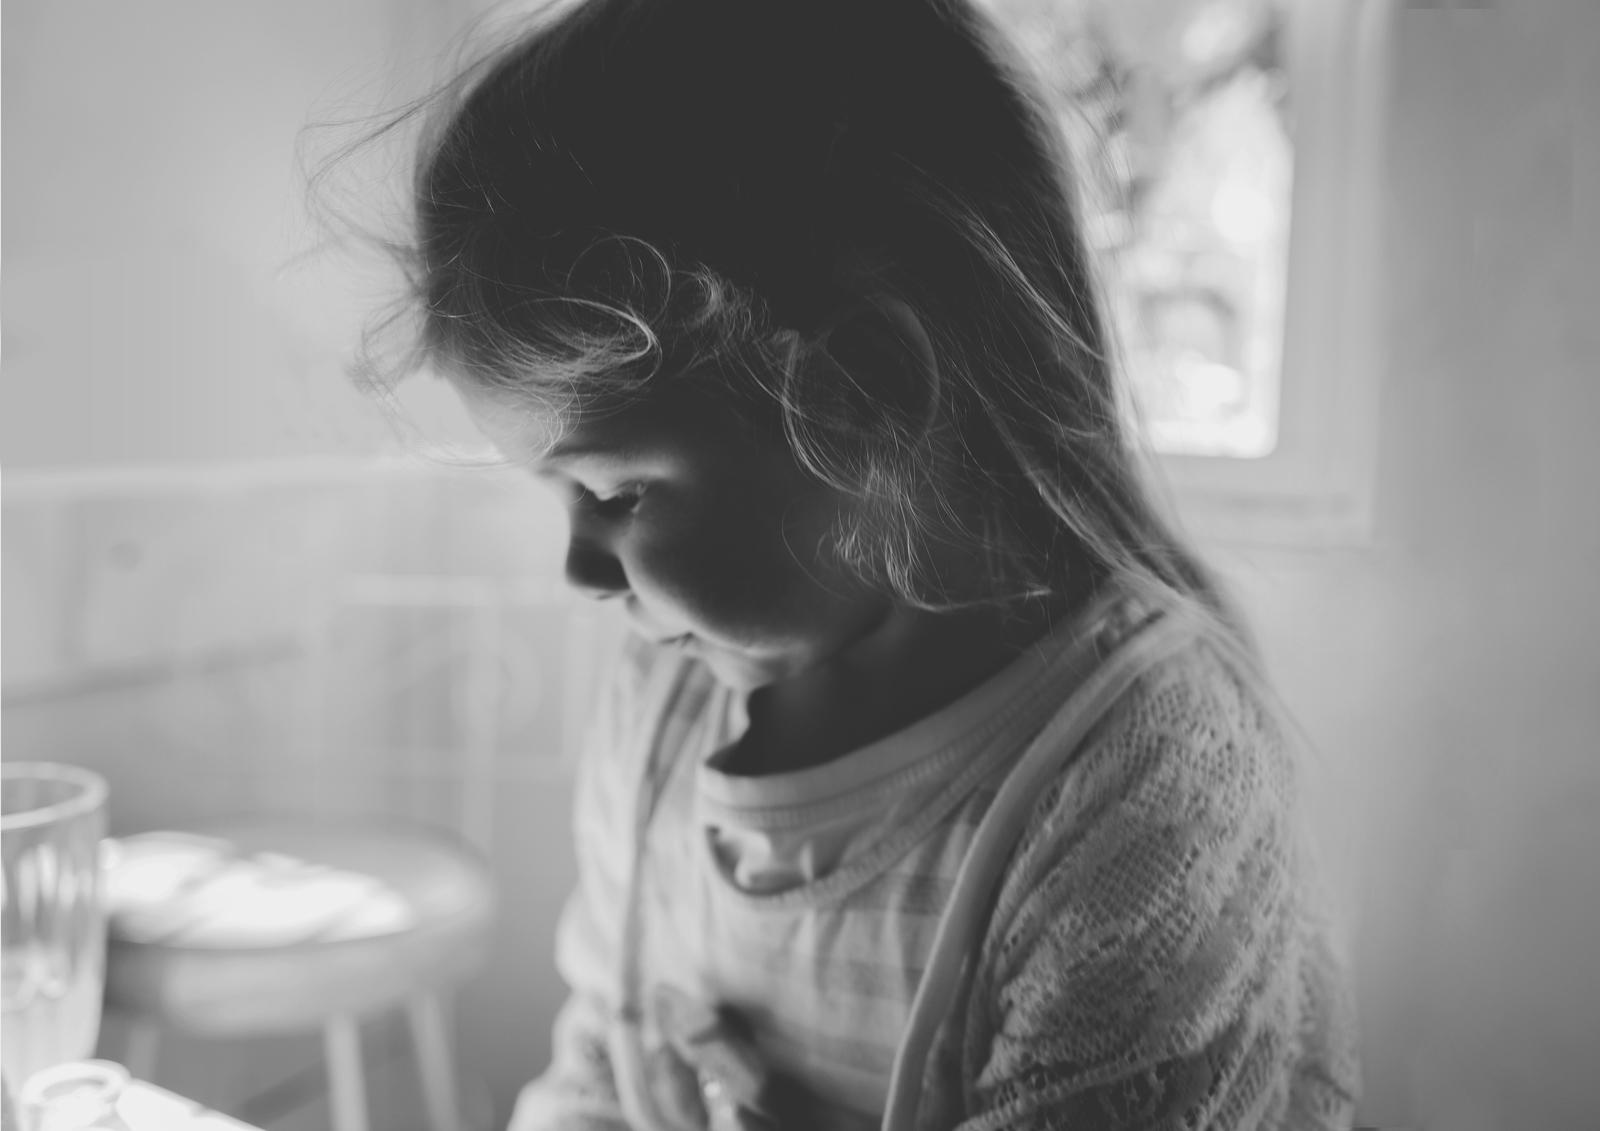 Children's Natural Portrait Photography Melbourne